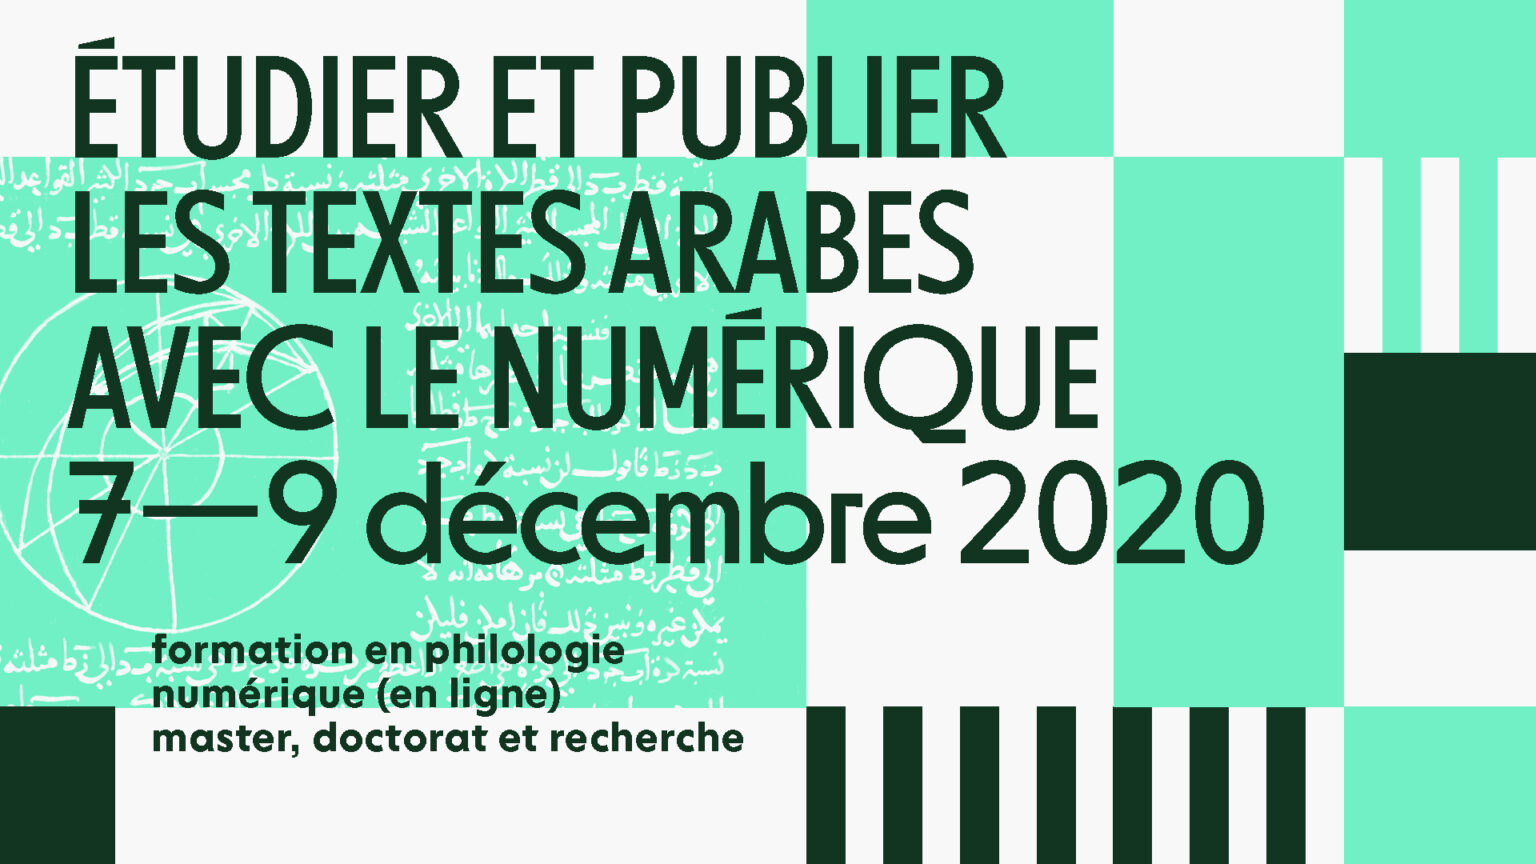 Formation GIS MOMM en philologie numérique master, doctorat et recherche :  « Étudier et publier les textes arabes avec le numérique » — En ligne, sur  inscription, du 7 au 9 décembre 2020 – IISMM